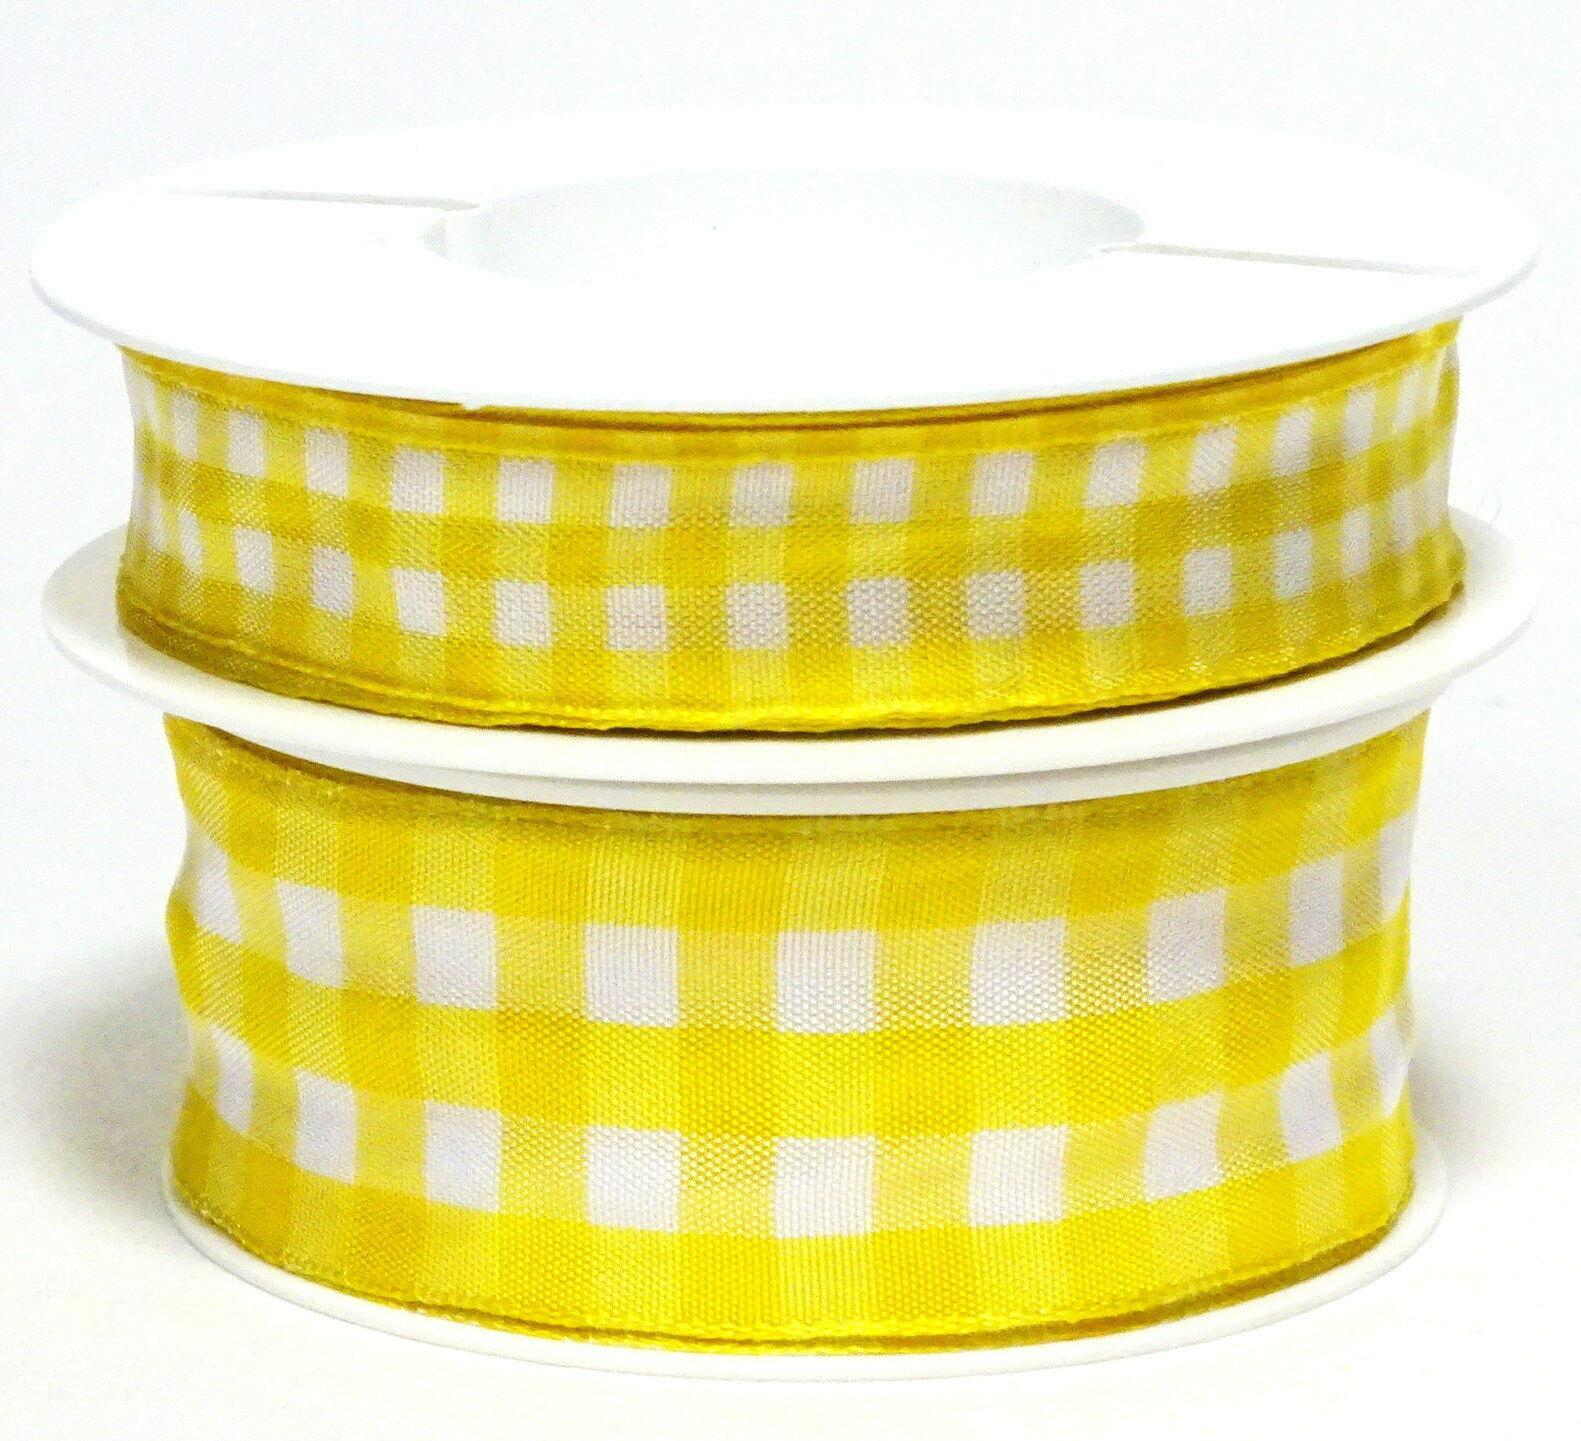 Karoband 20 m x 15mm/25mm/40mm Vichy ab 0,30€/m Schleifenband Geschenkband Deko - gelb-weiß 4245, 25 mm x 20 m